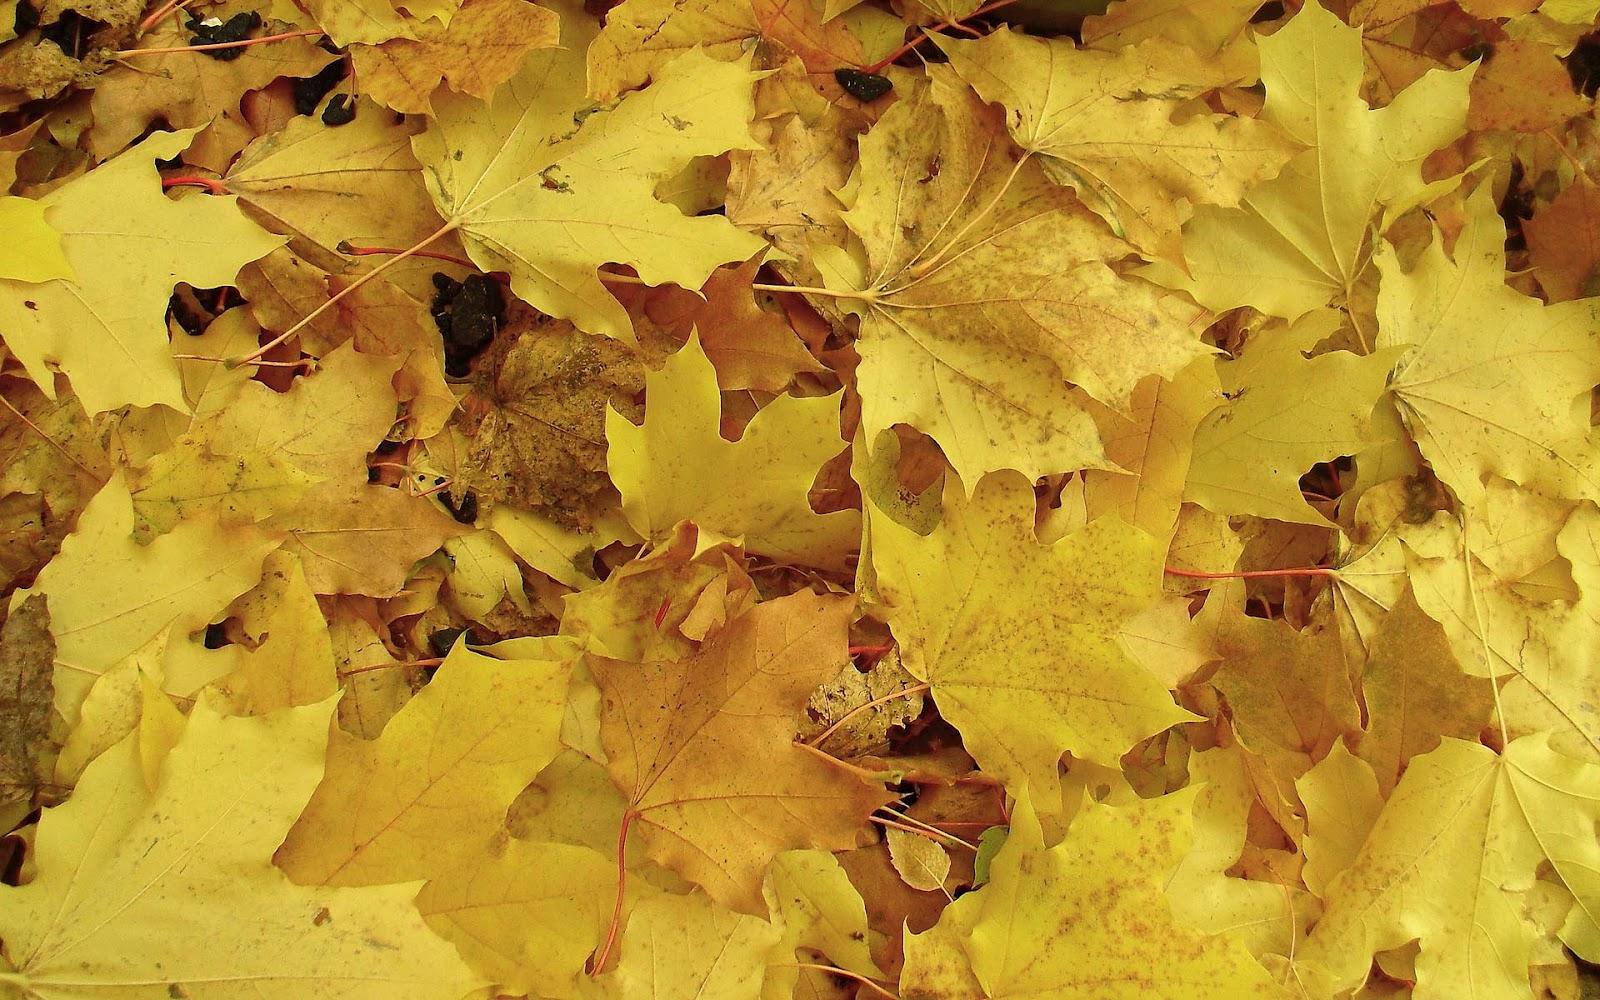 http://3.bp.blogspot.com/-SEiMxlQqVHc/UF9pgSUpKGI/AAAAAAAADj0/g-hwCAVWiOU/s1600/hd-herfst-wallpaper-met-gele-herfstbladeren-op-de-grond-hd-herfst-achtergrond-foto.jpg